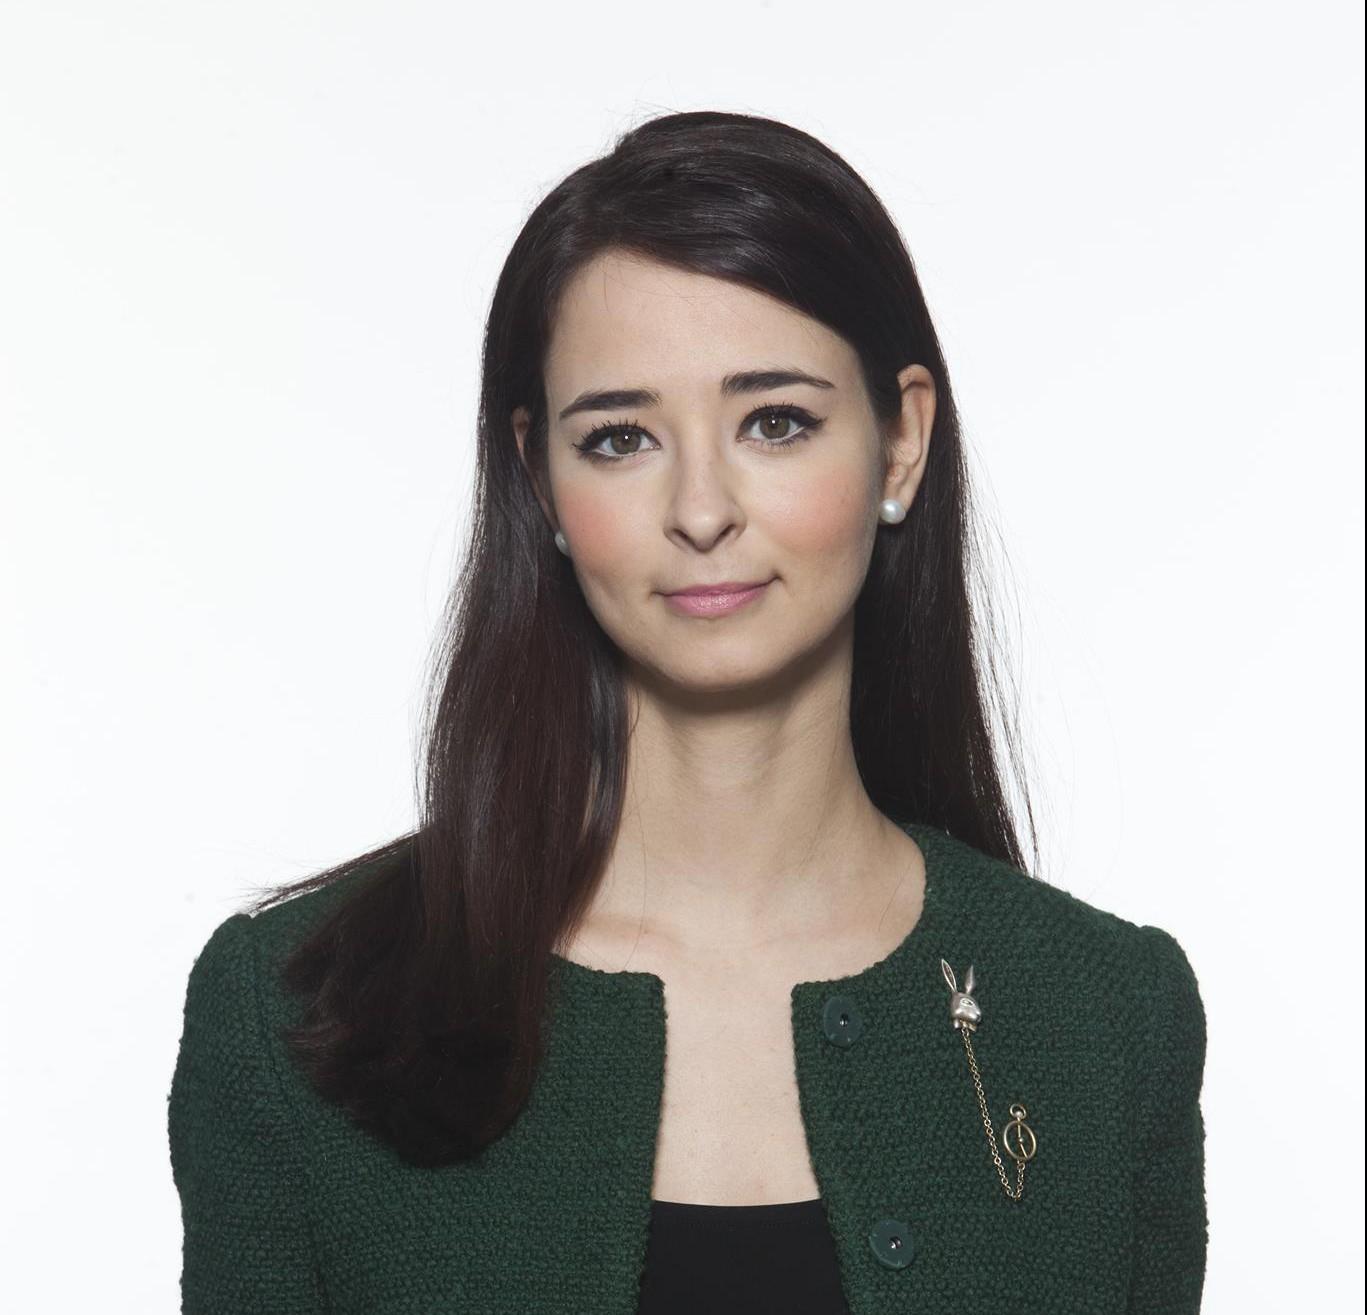 Intervju med Alice Teodorescu